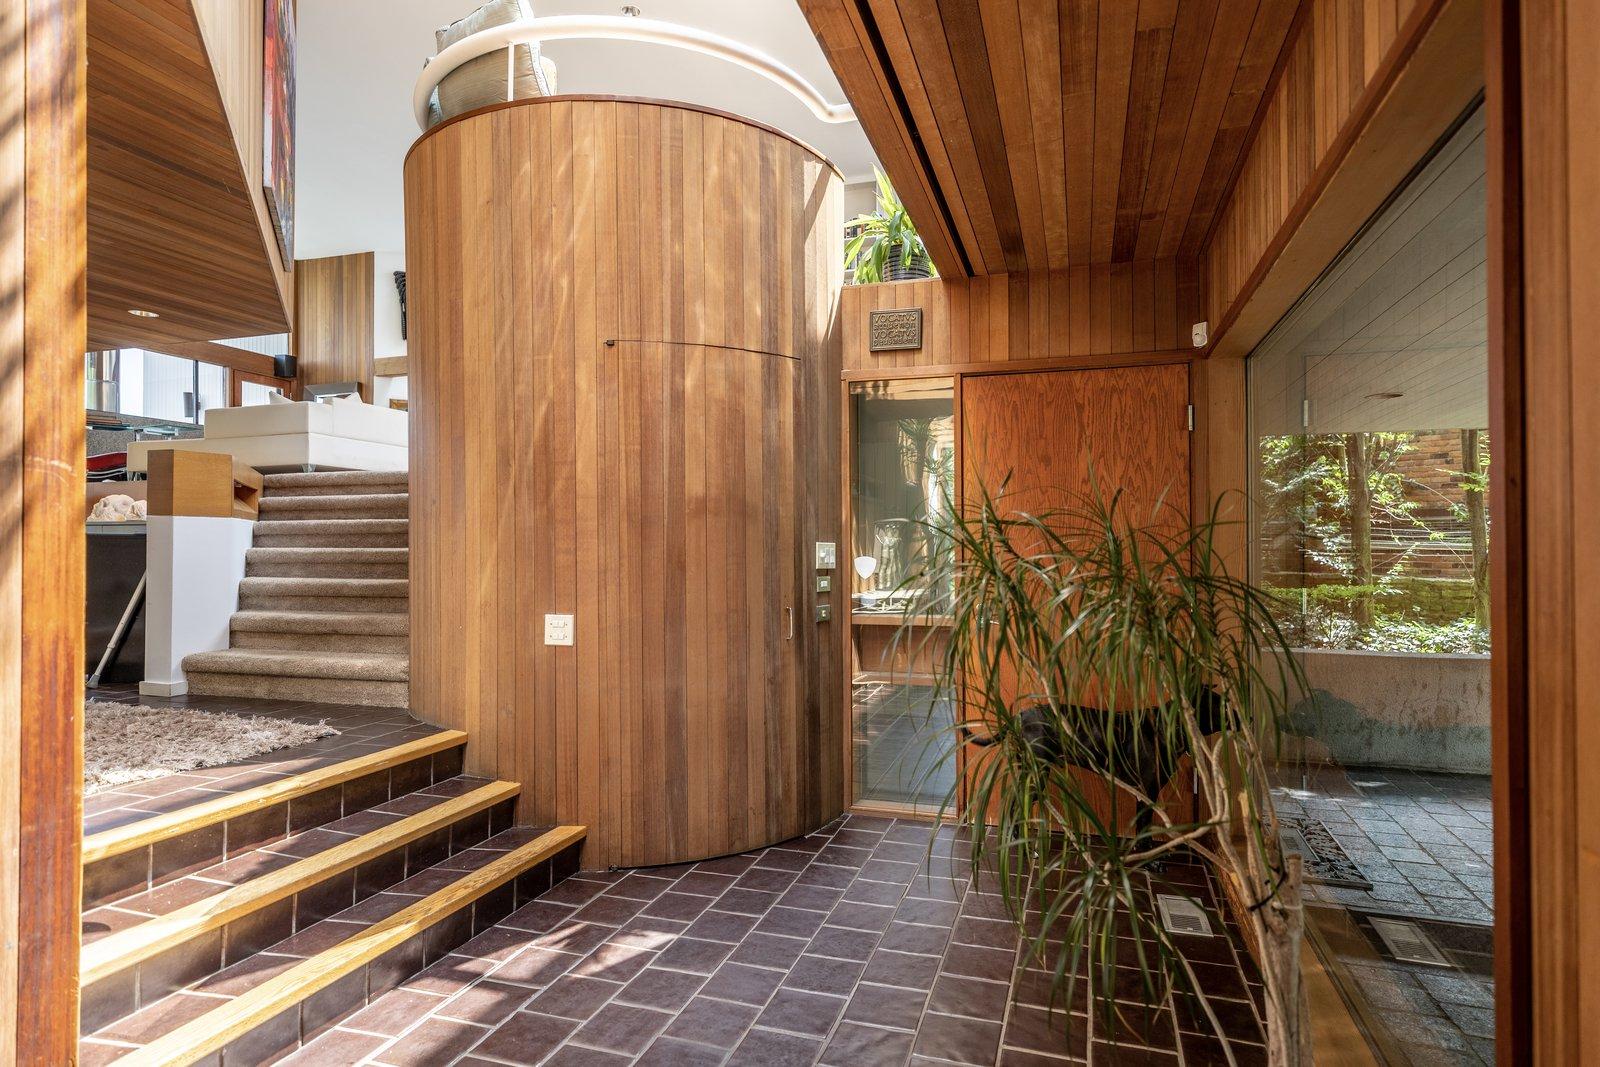 Snag Detroit Architect Gino Rossetti's Posh Art Moderne Residence For $1.99M